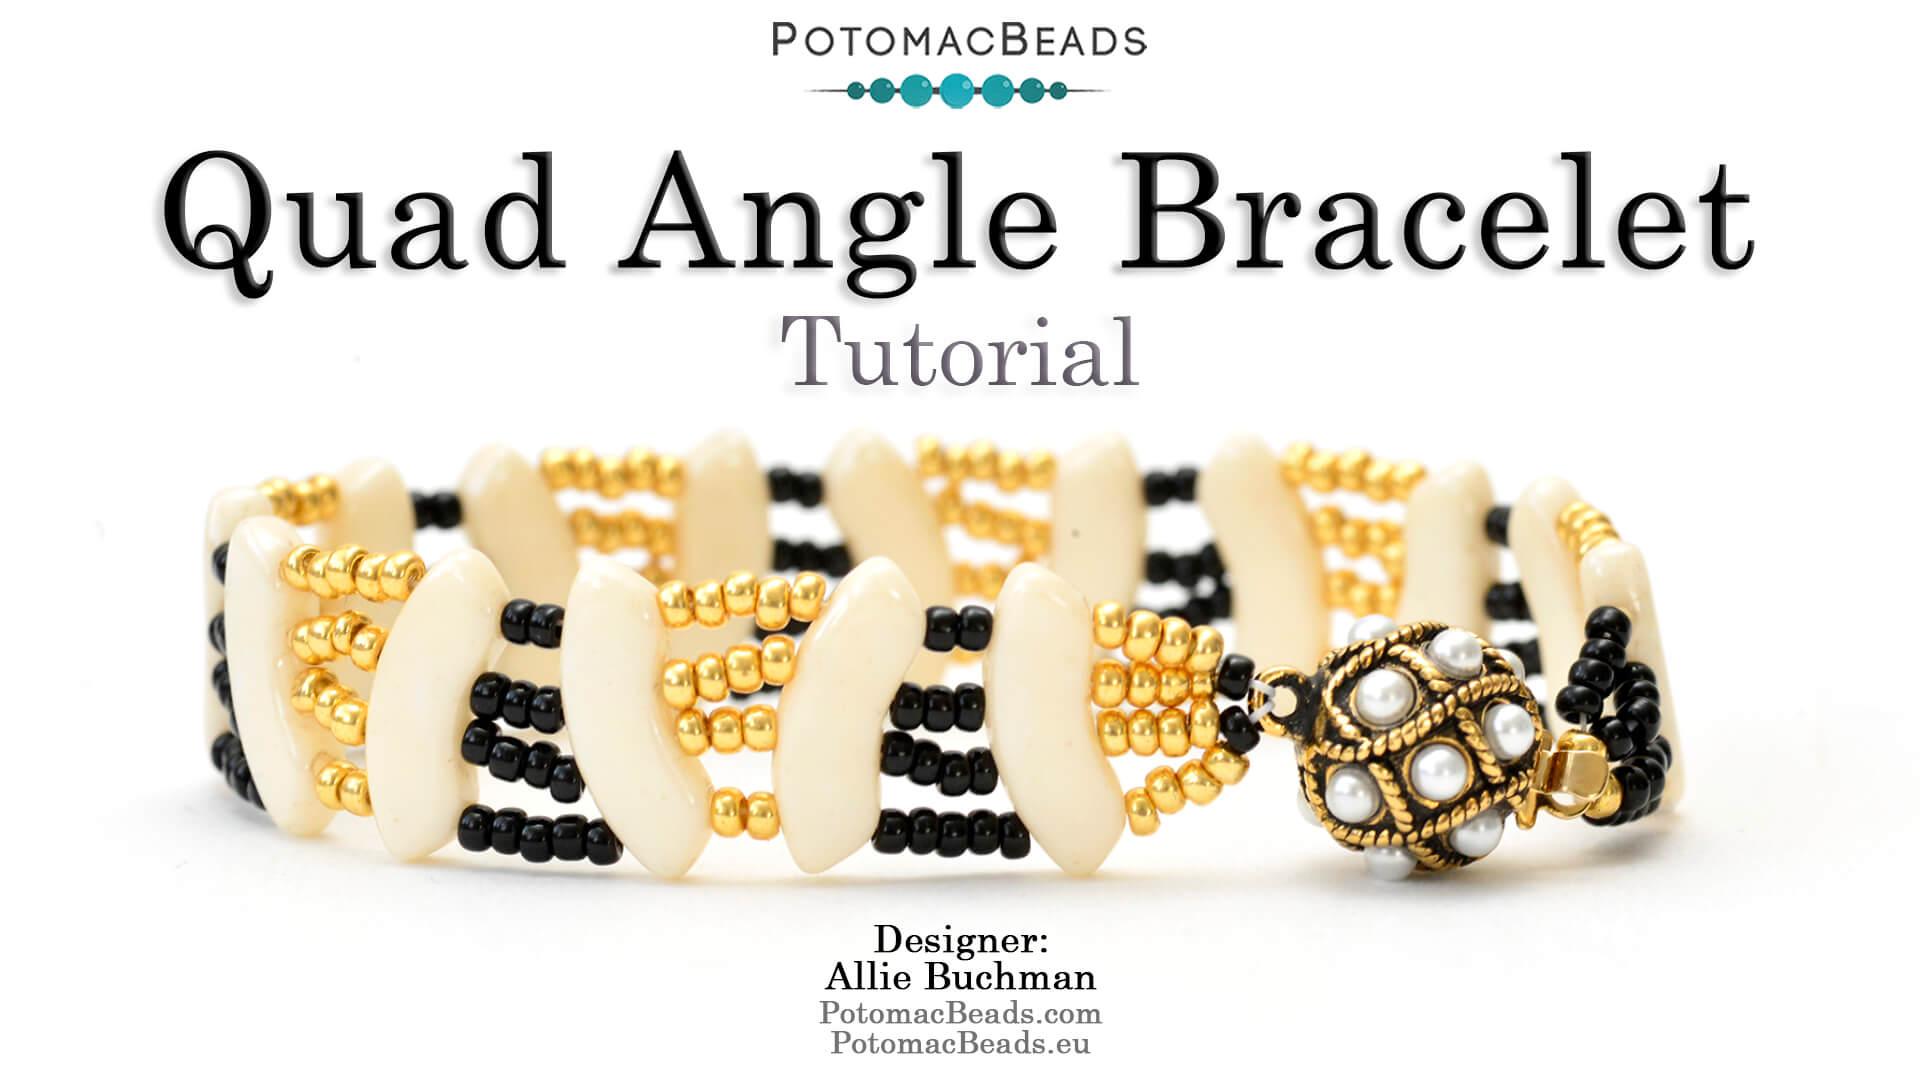 Quad Angle Bracelet Tutorial